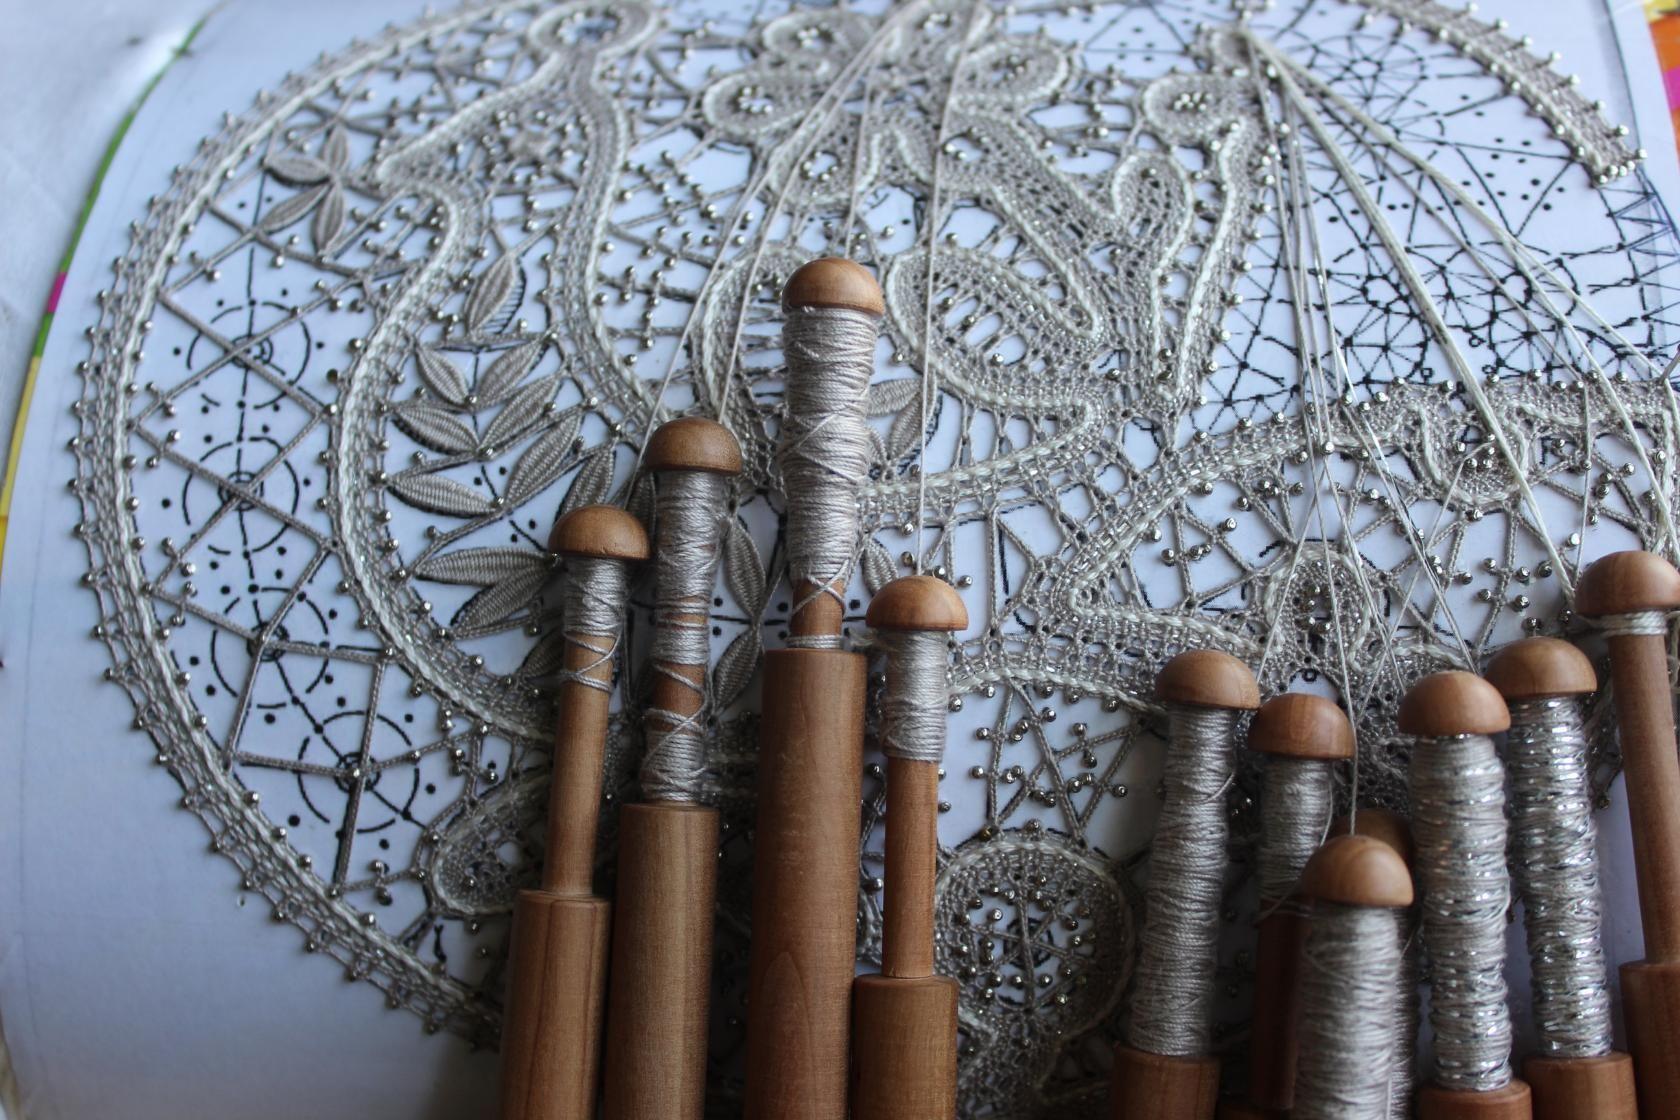 это плетение кружев на коклюшках картинки говорят